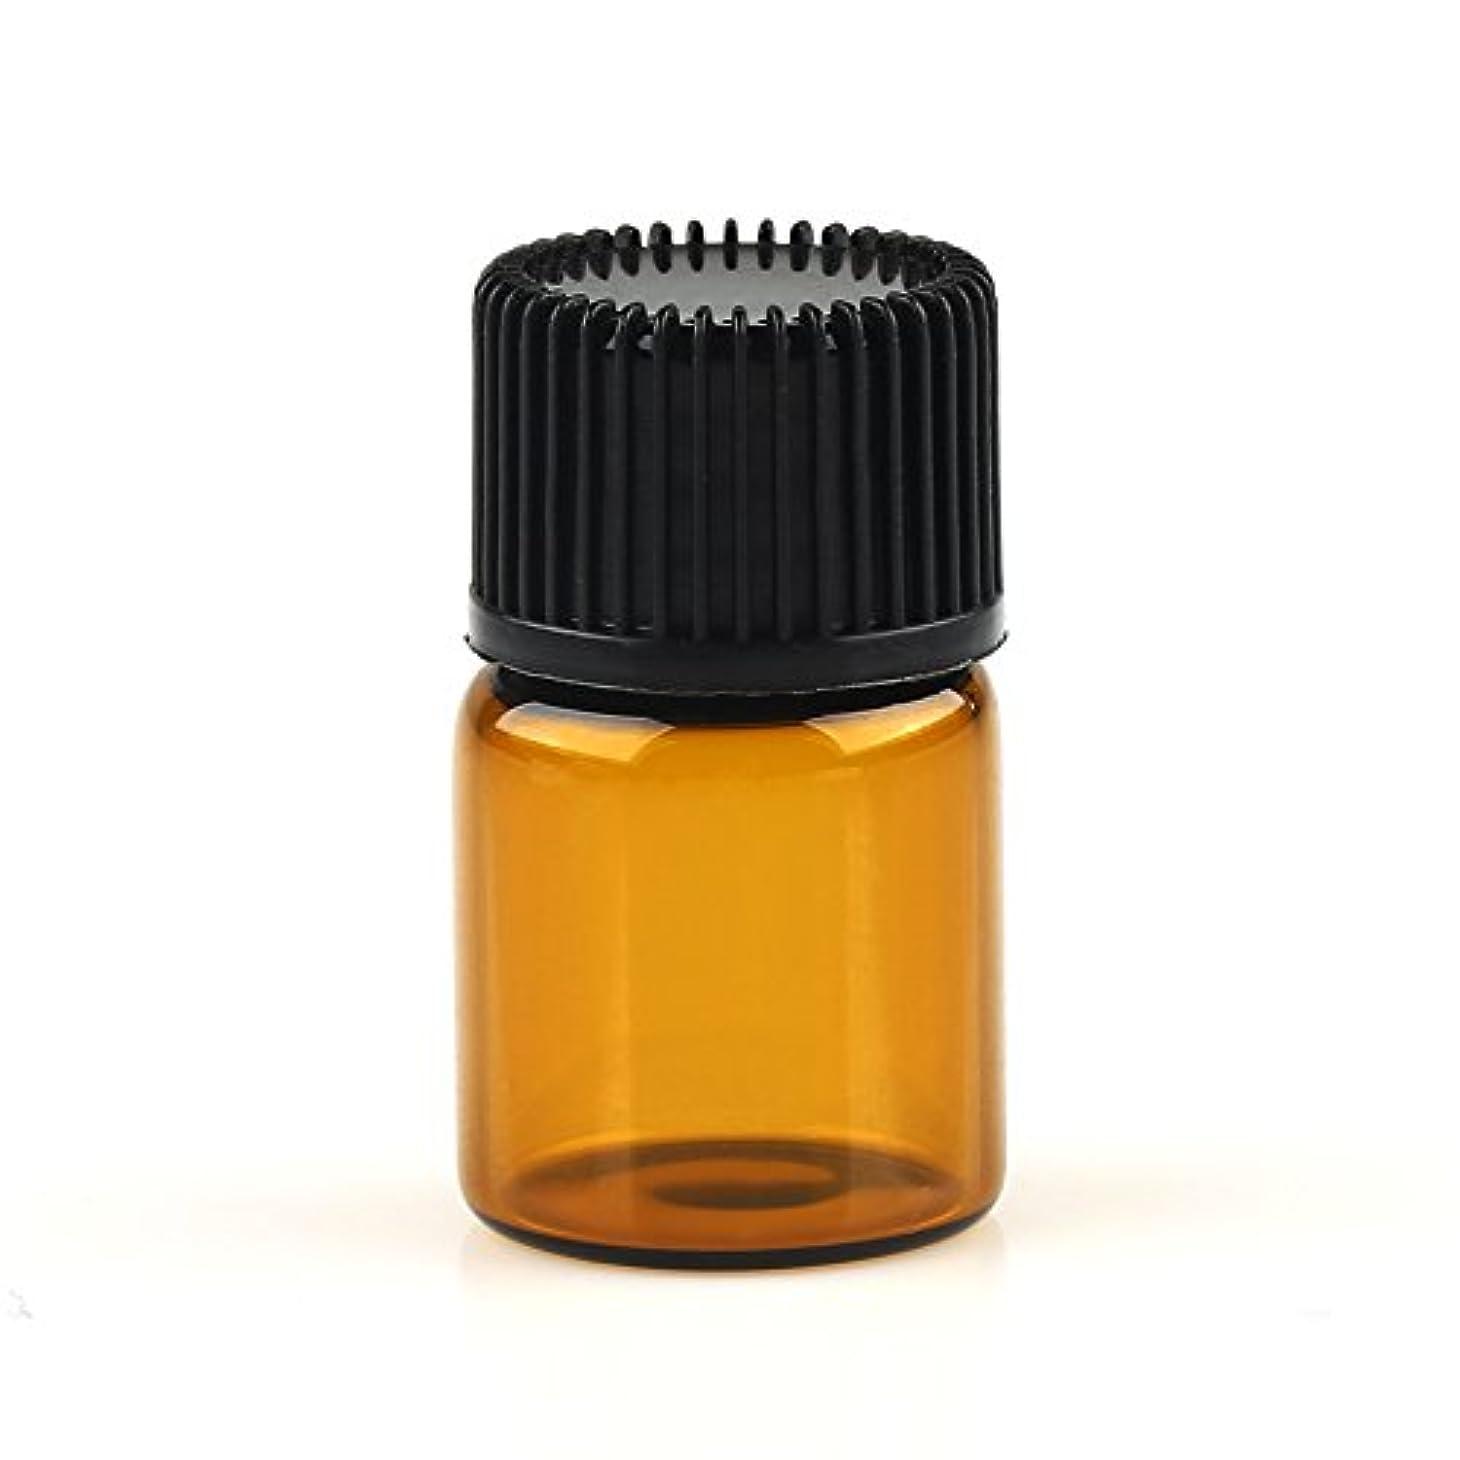 アーサーコナンドイル戦い明示的にVERY100 遮光ビン ミニガラスアロマボトル アロマオイル用瓶 キャップ付き 穴付き内蓋 1ml 2ml 3ml 5ml 10本セット アンバー (2ML)